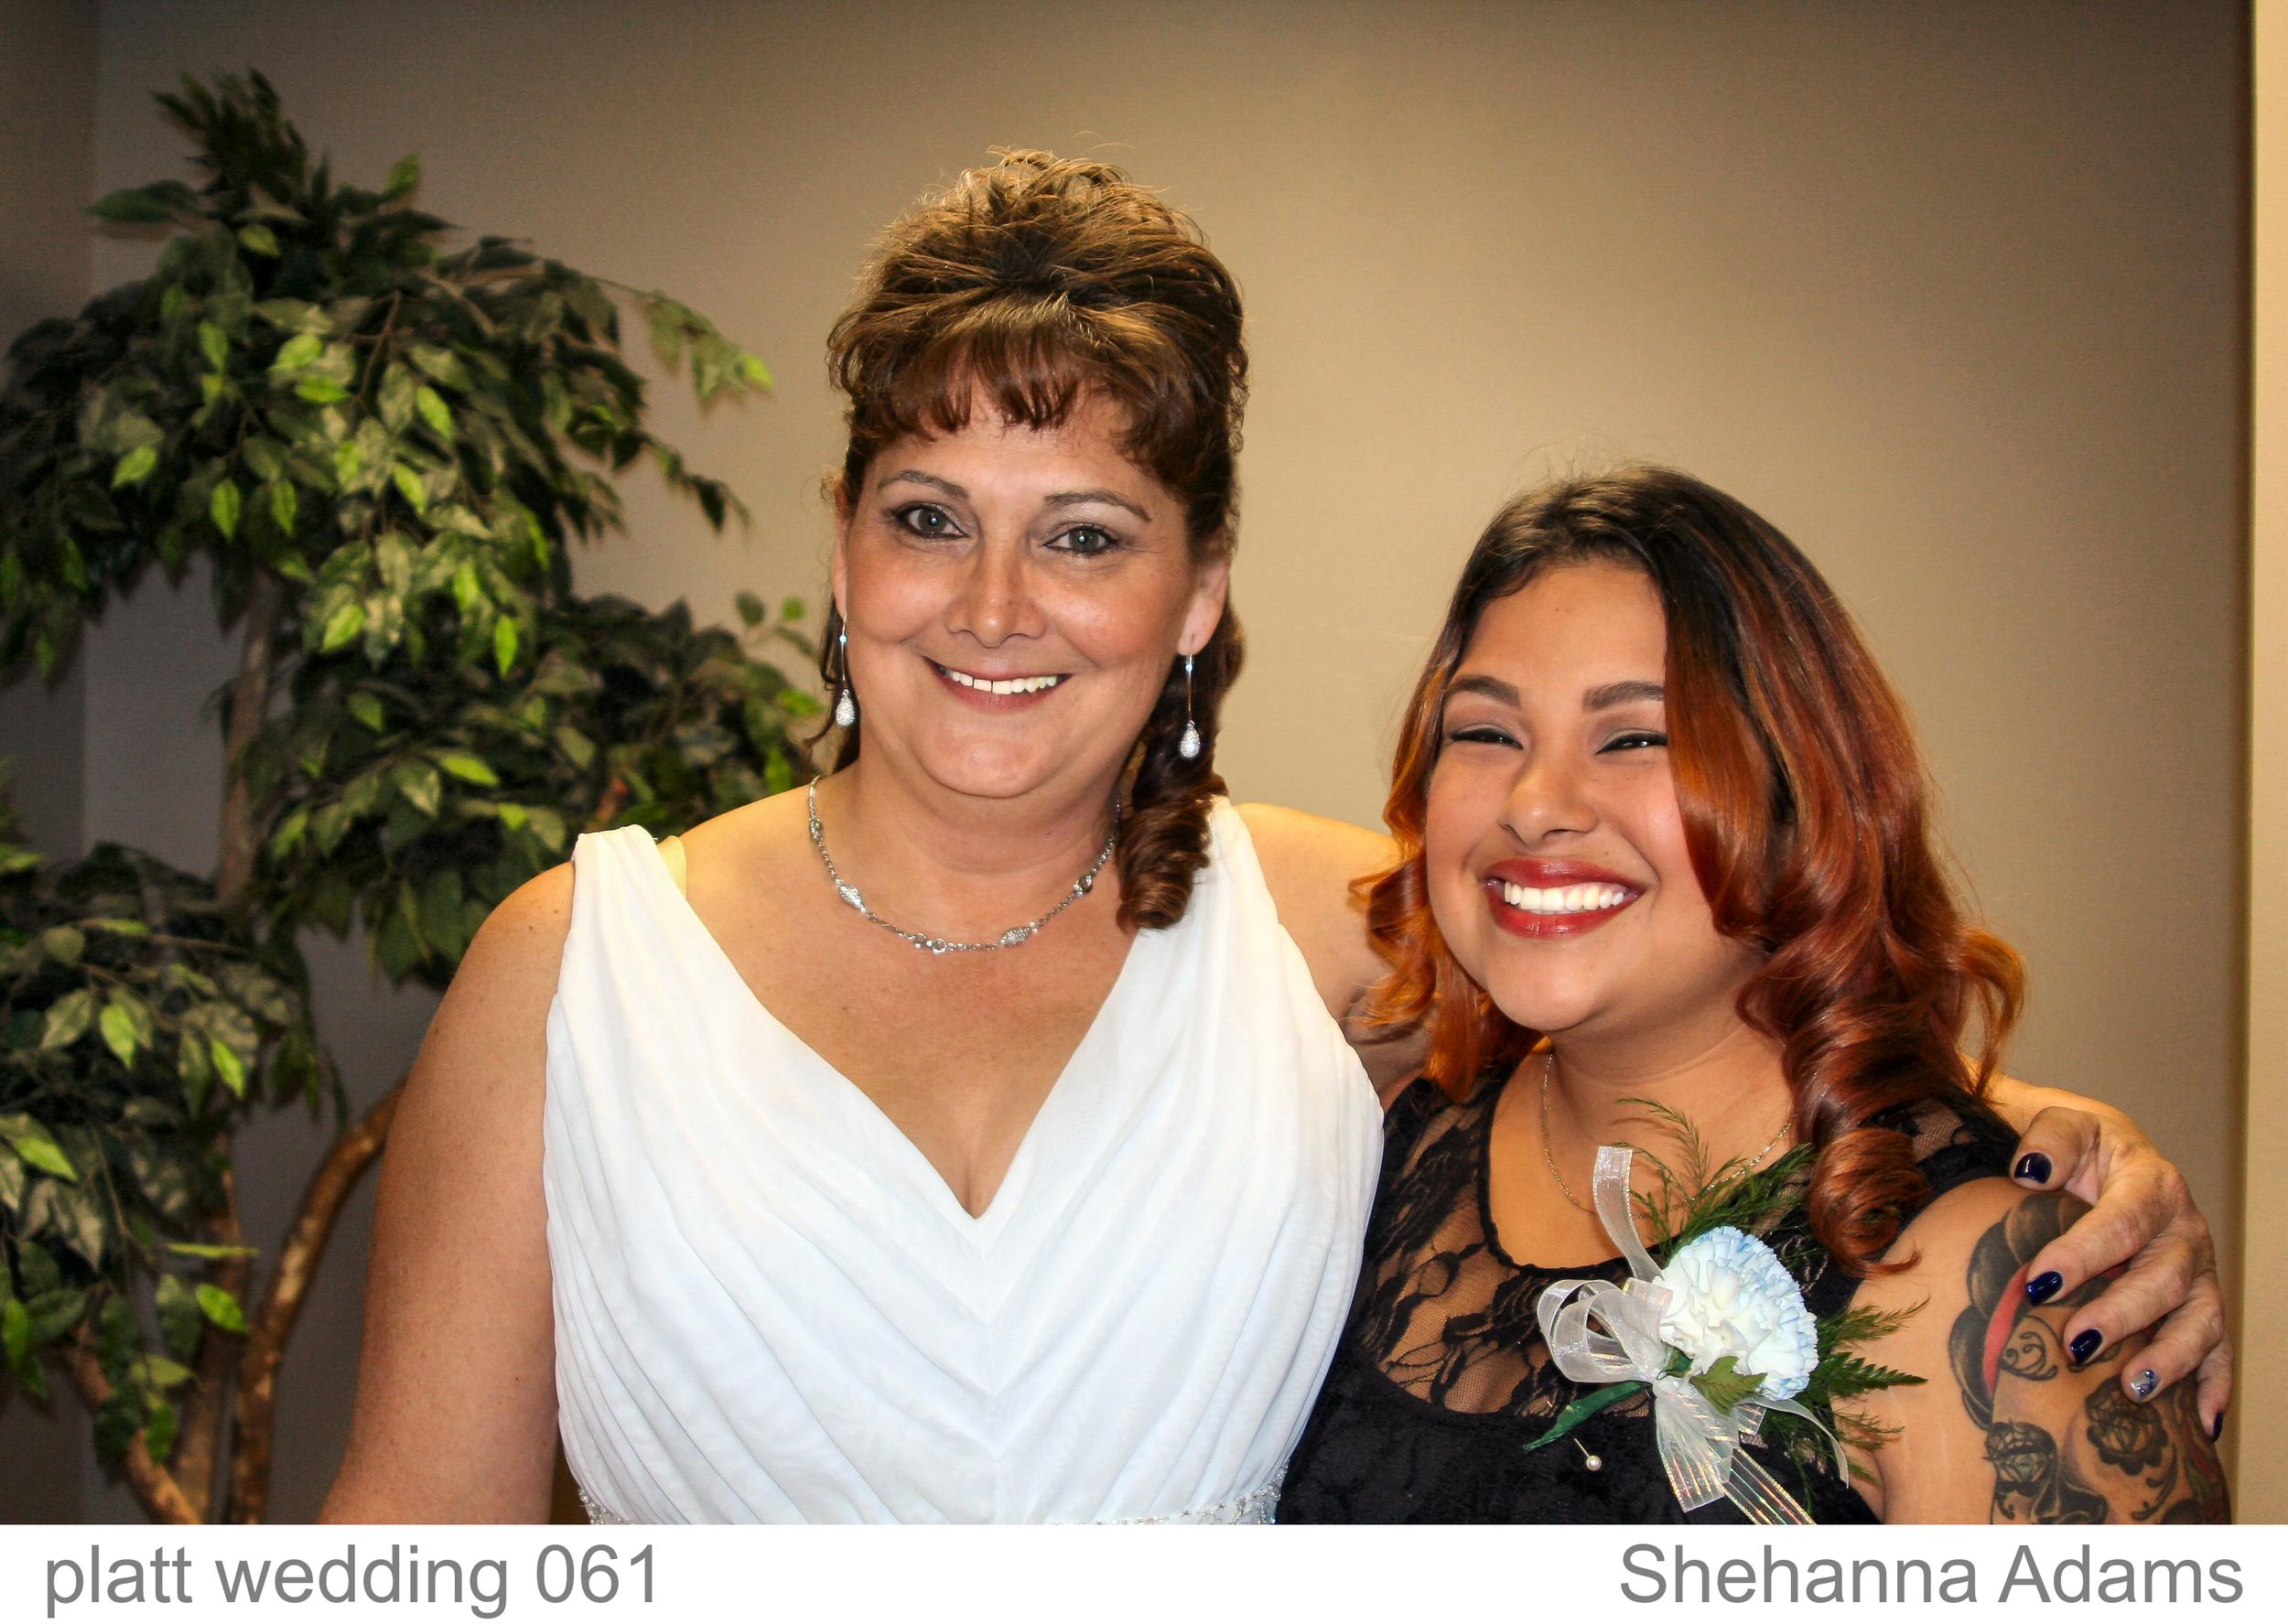 platt wedding 061.jpg